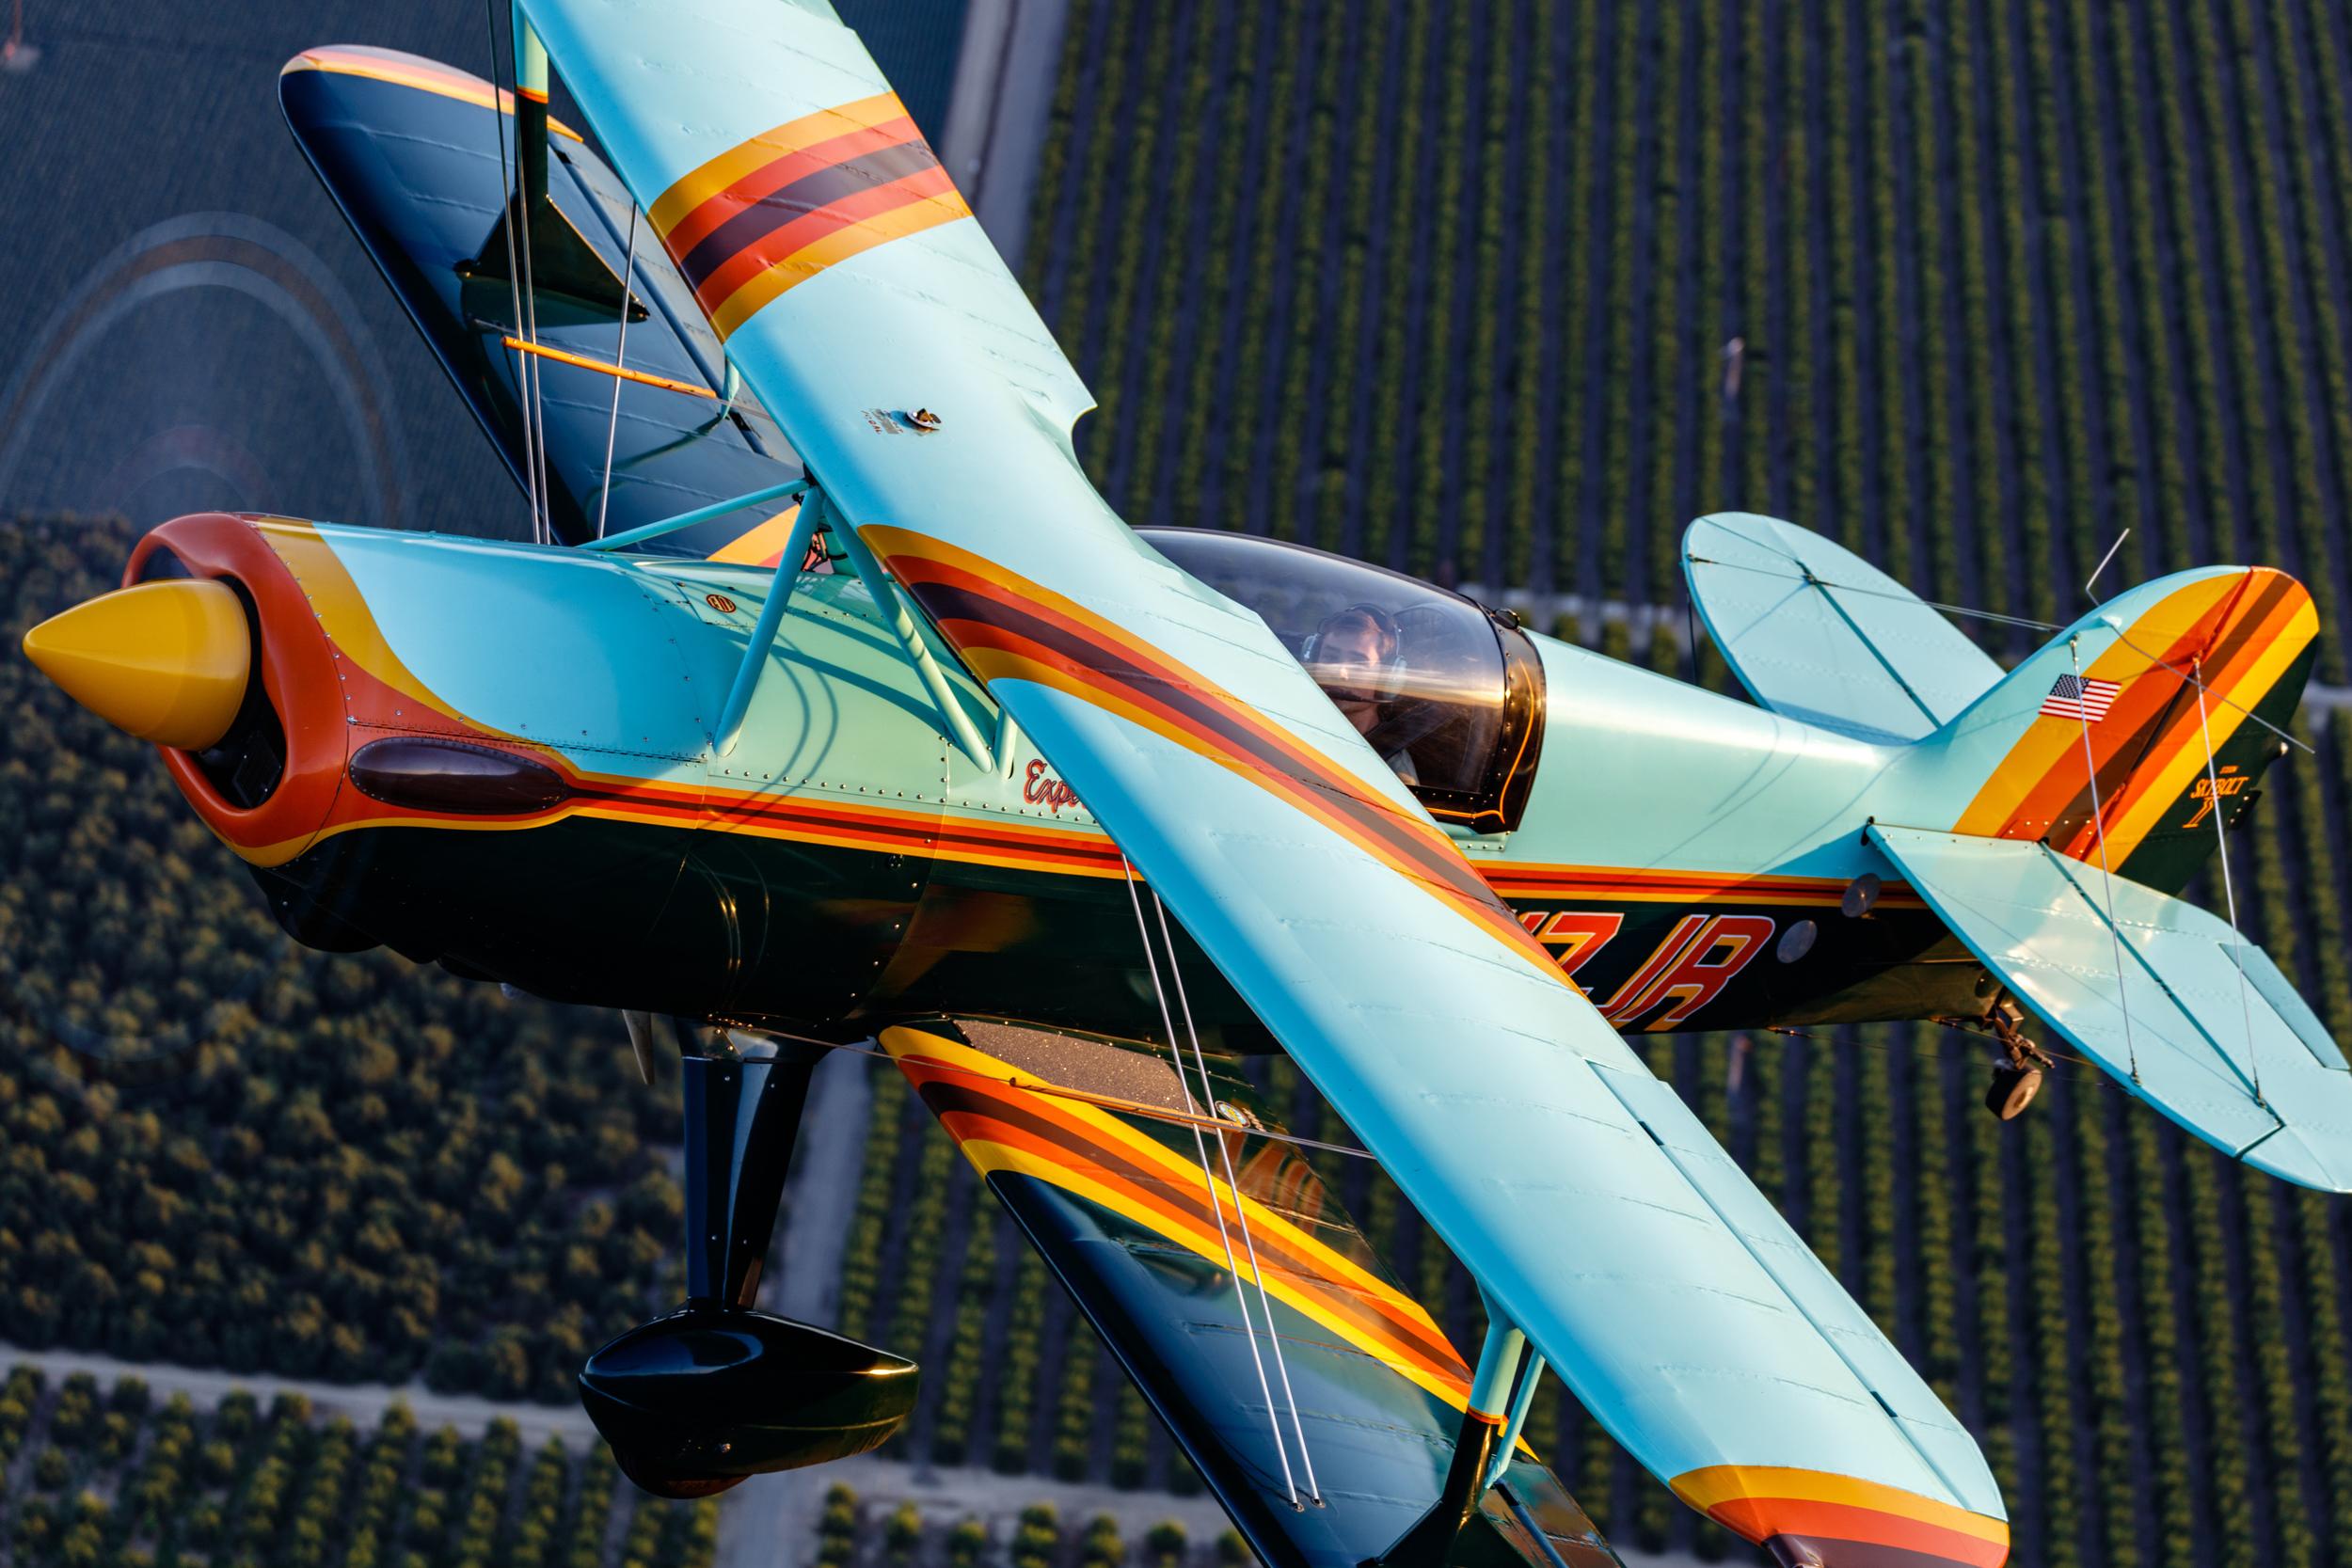 20160212-AirspaceMedia-5000-1580.jpg